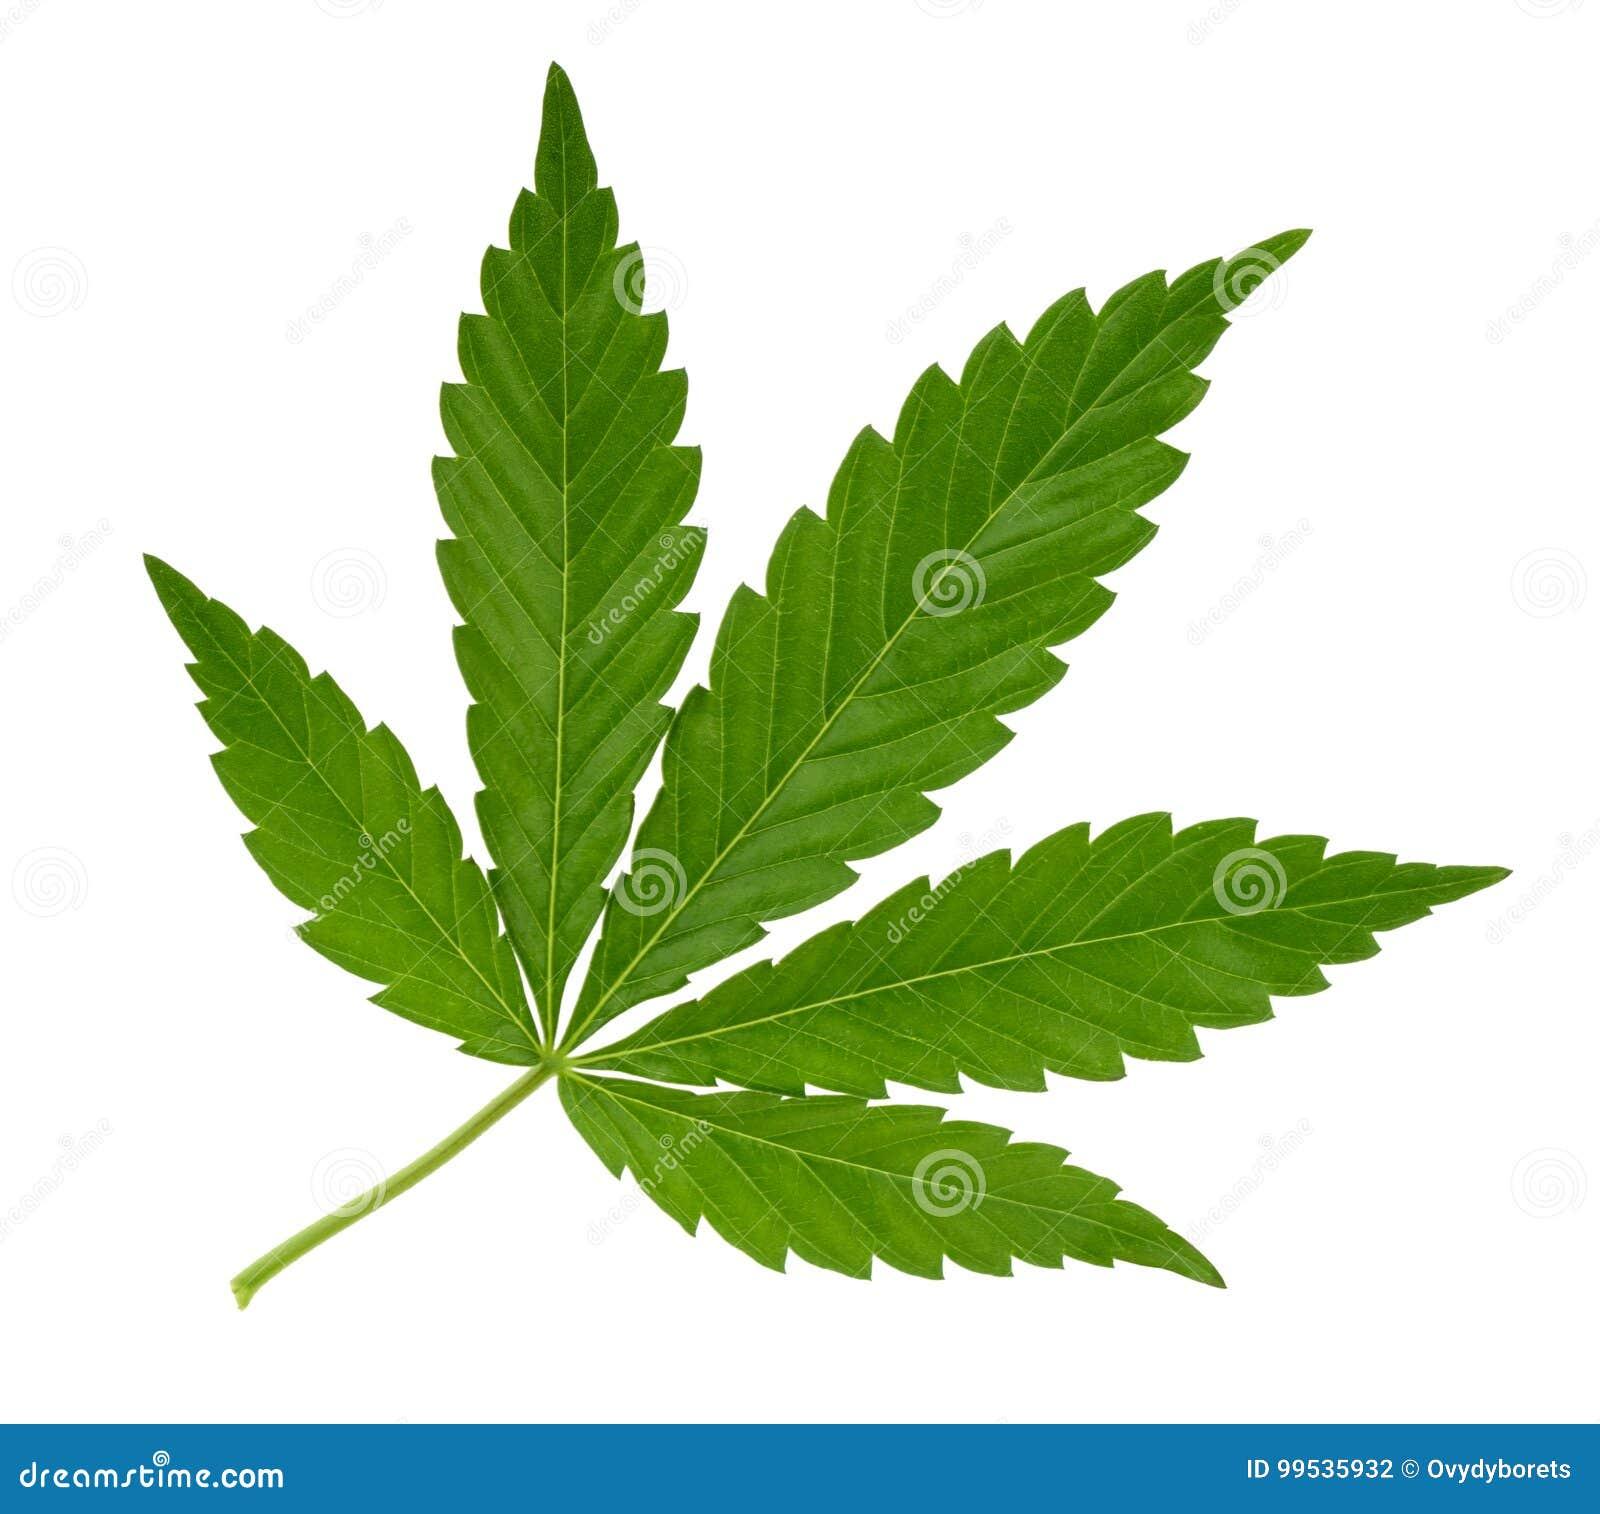 Foglia della cannabis isolata su bianco senza ombra